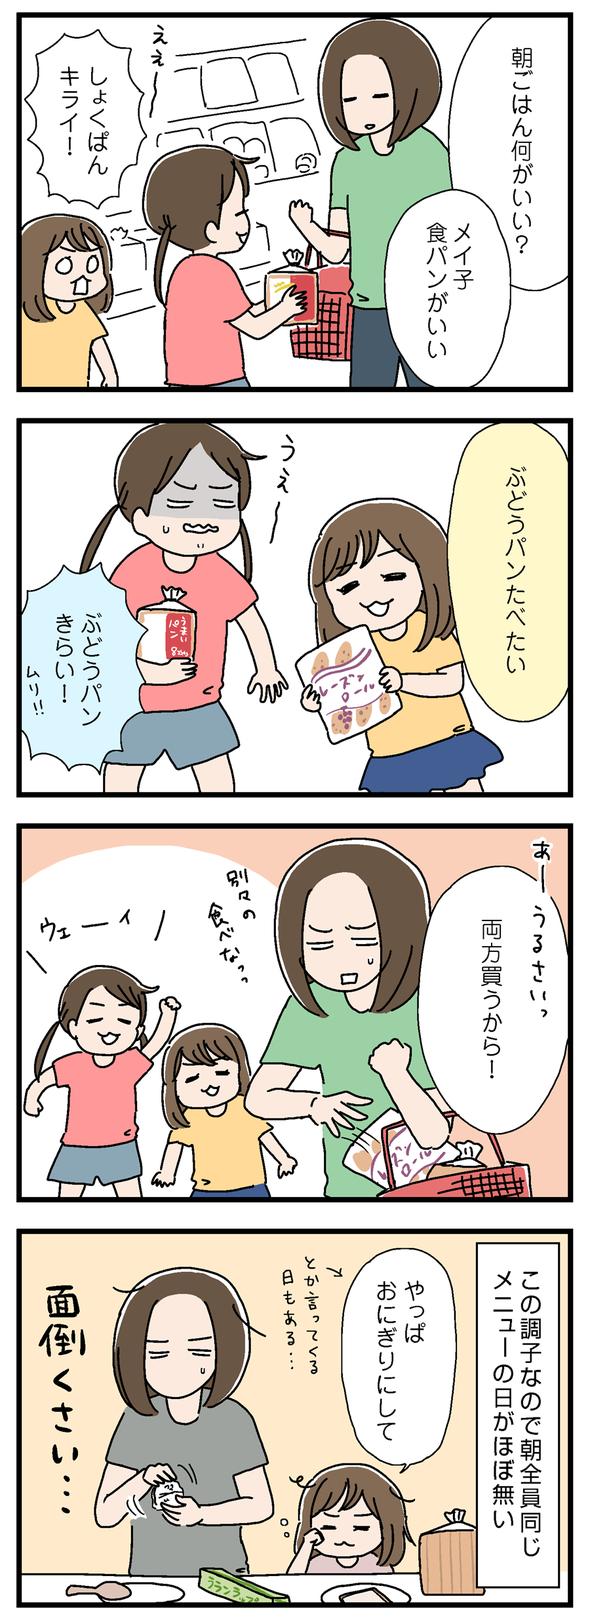 icchomae876